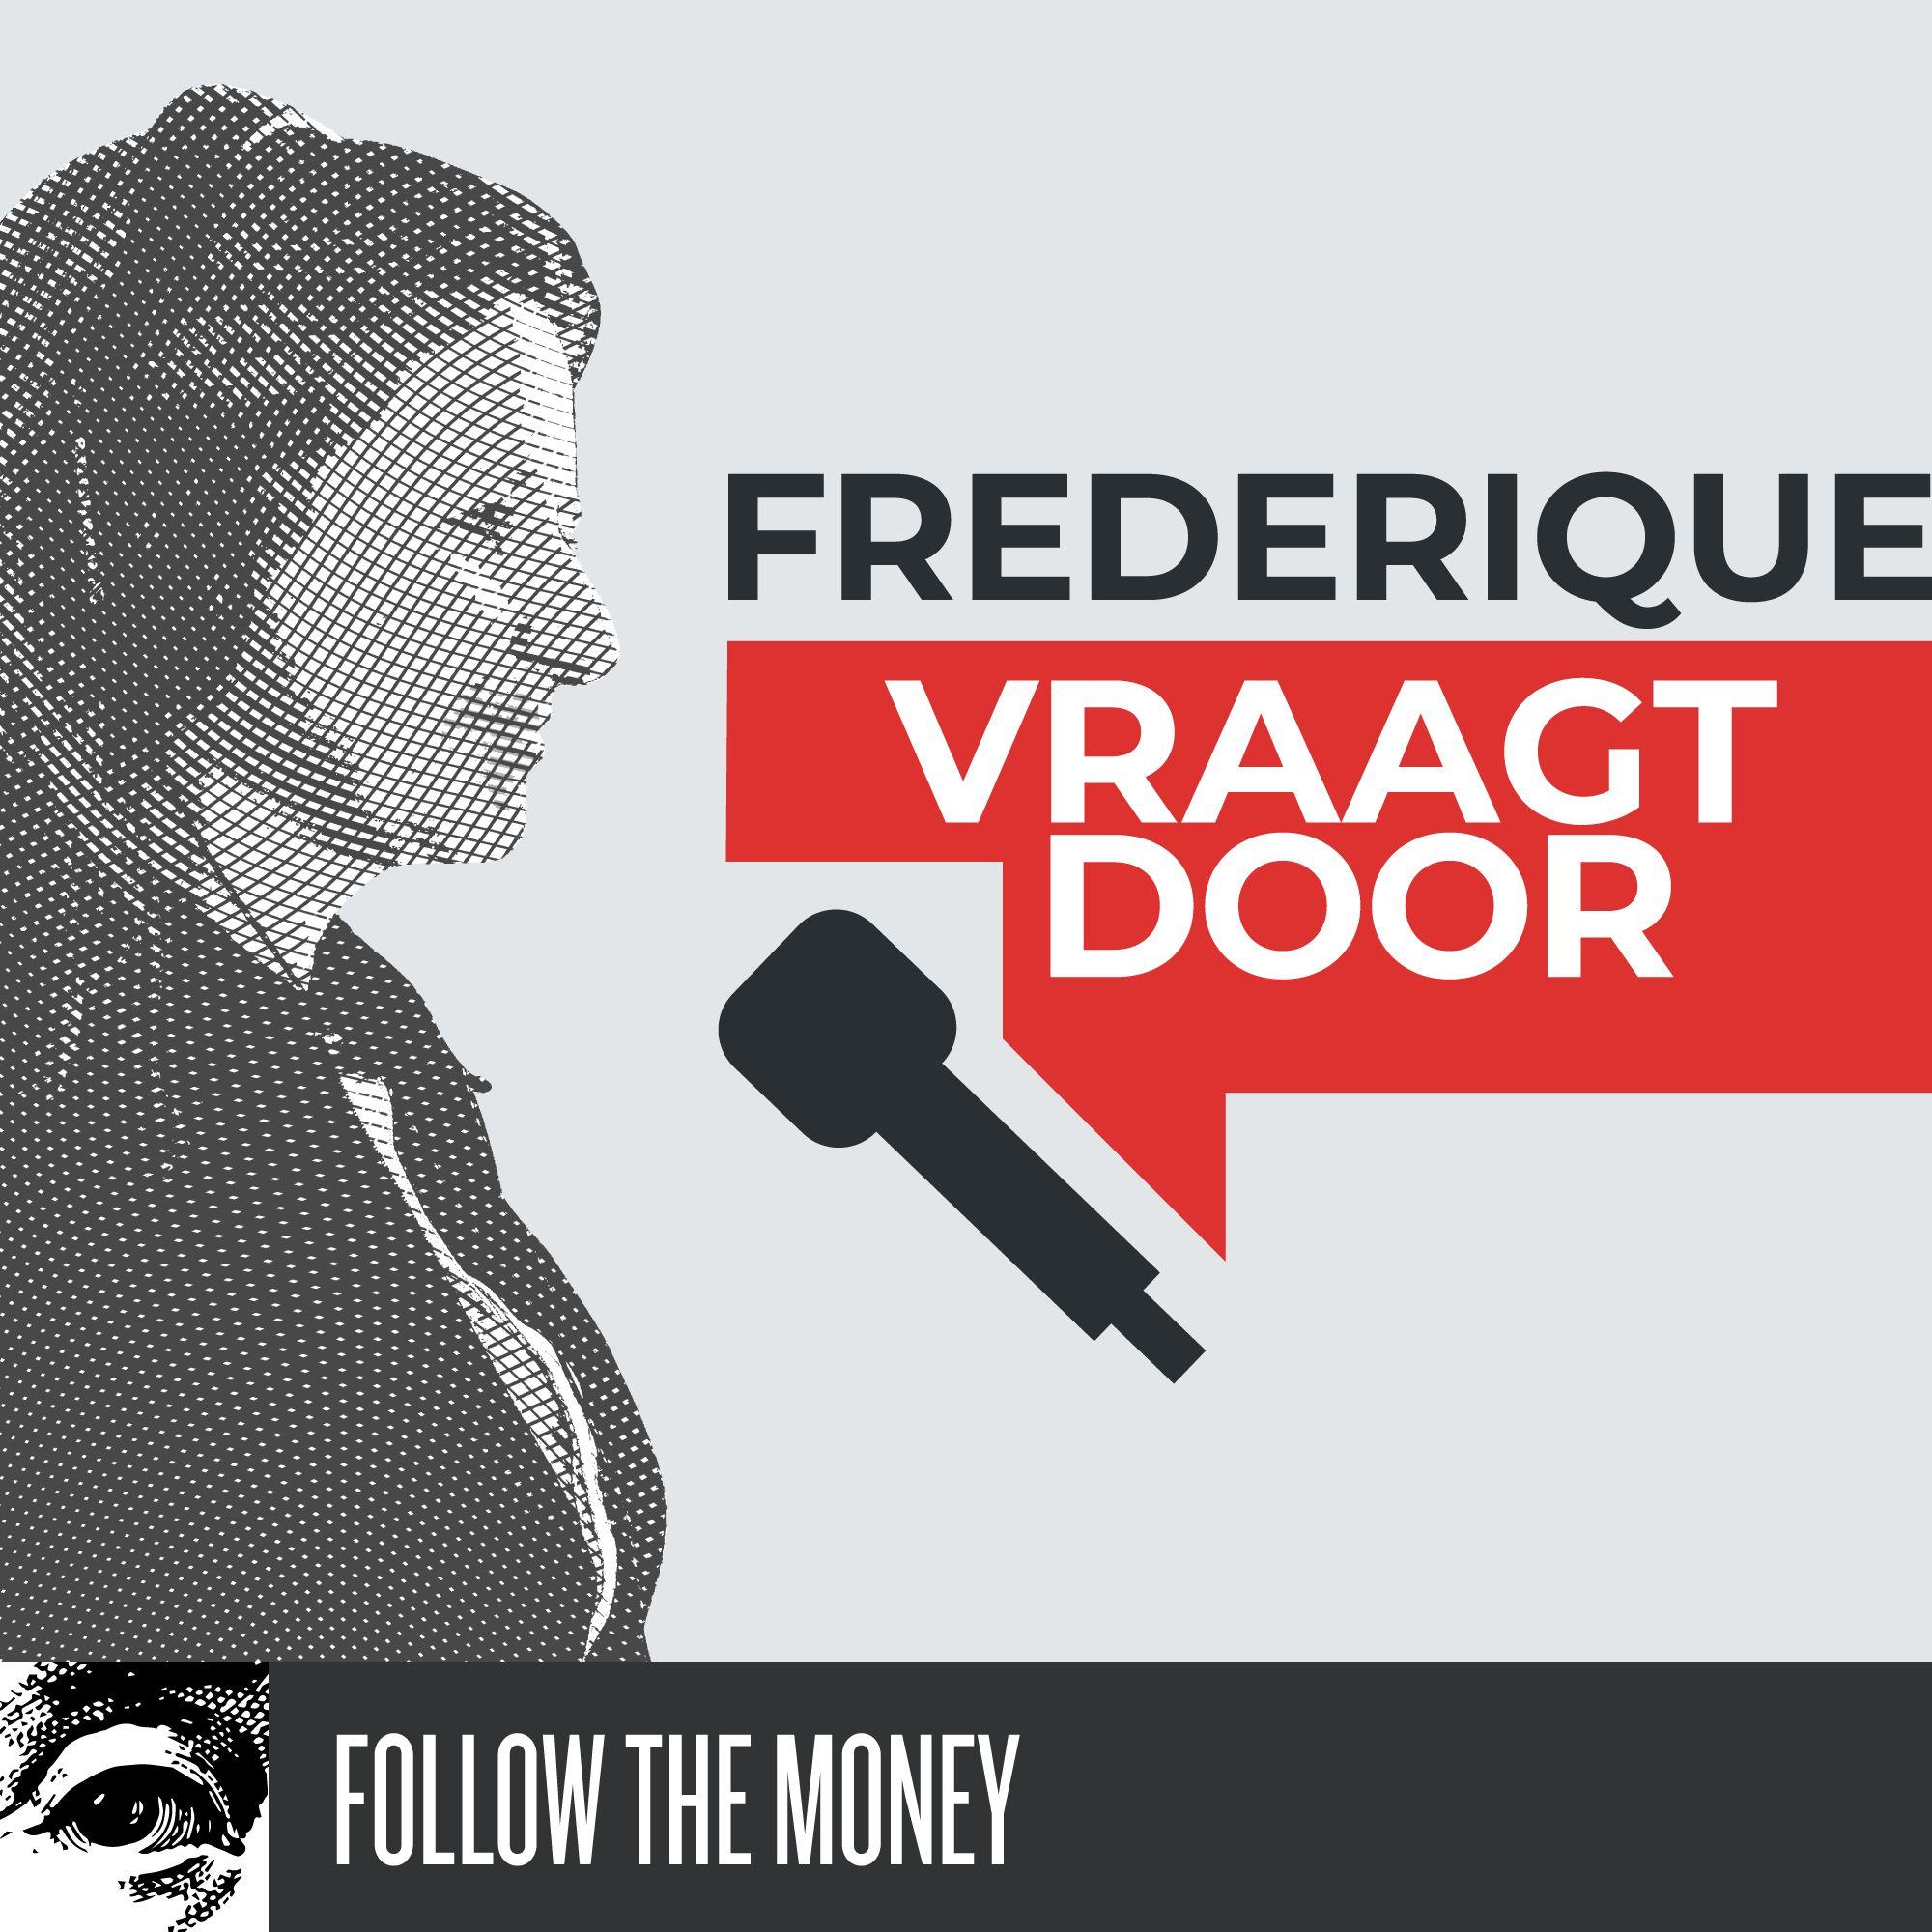 Frederique vraagt door logo